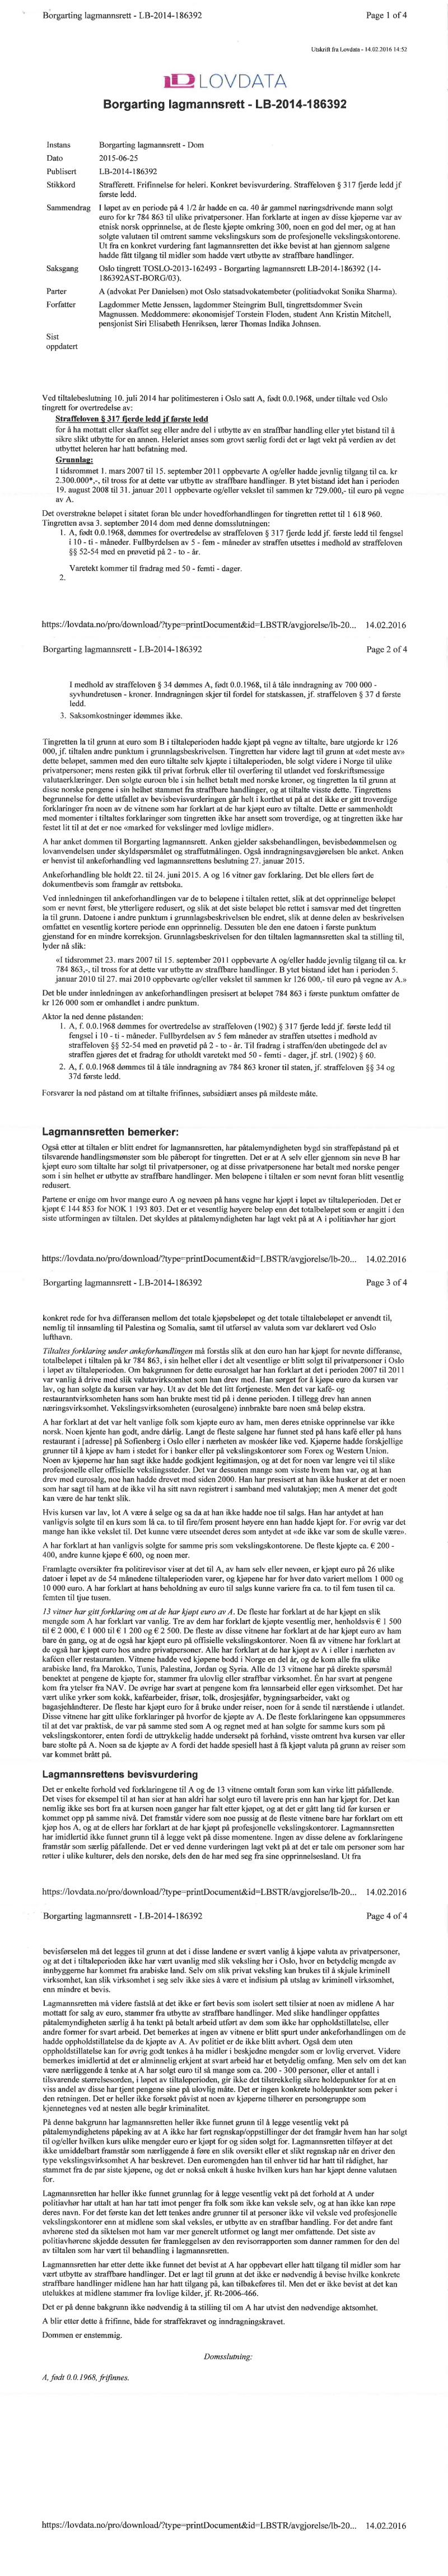 Advokat økonomisk kriminalitet Frifinnelse i helerisak. Advokat Danielsen & Co. Per Danielsen. Svindel.